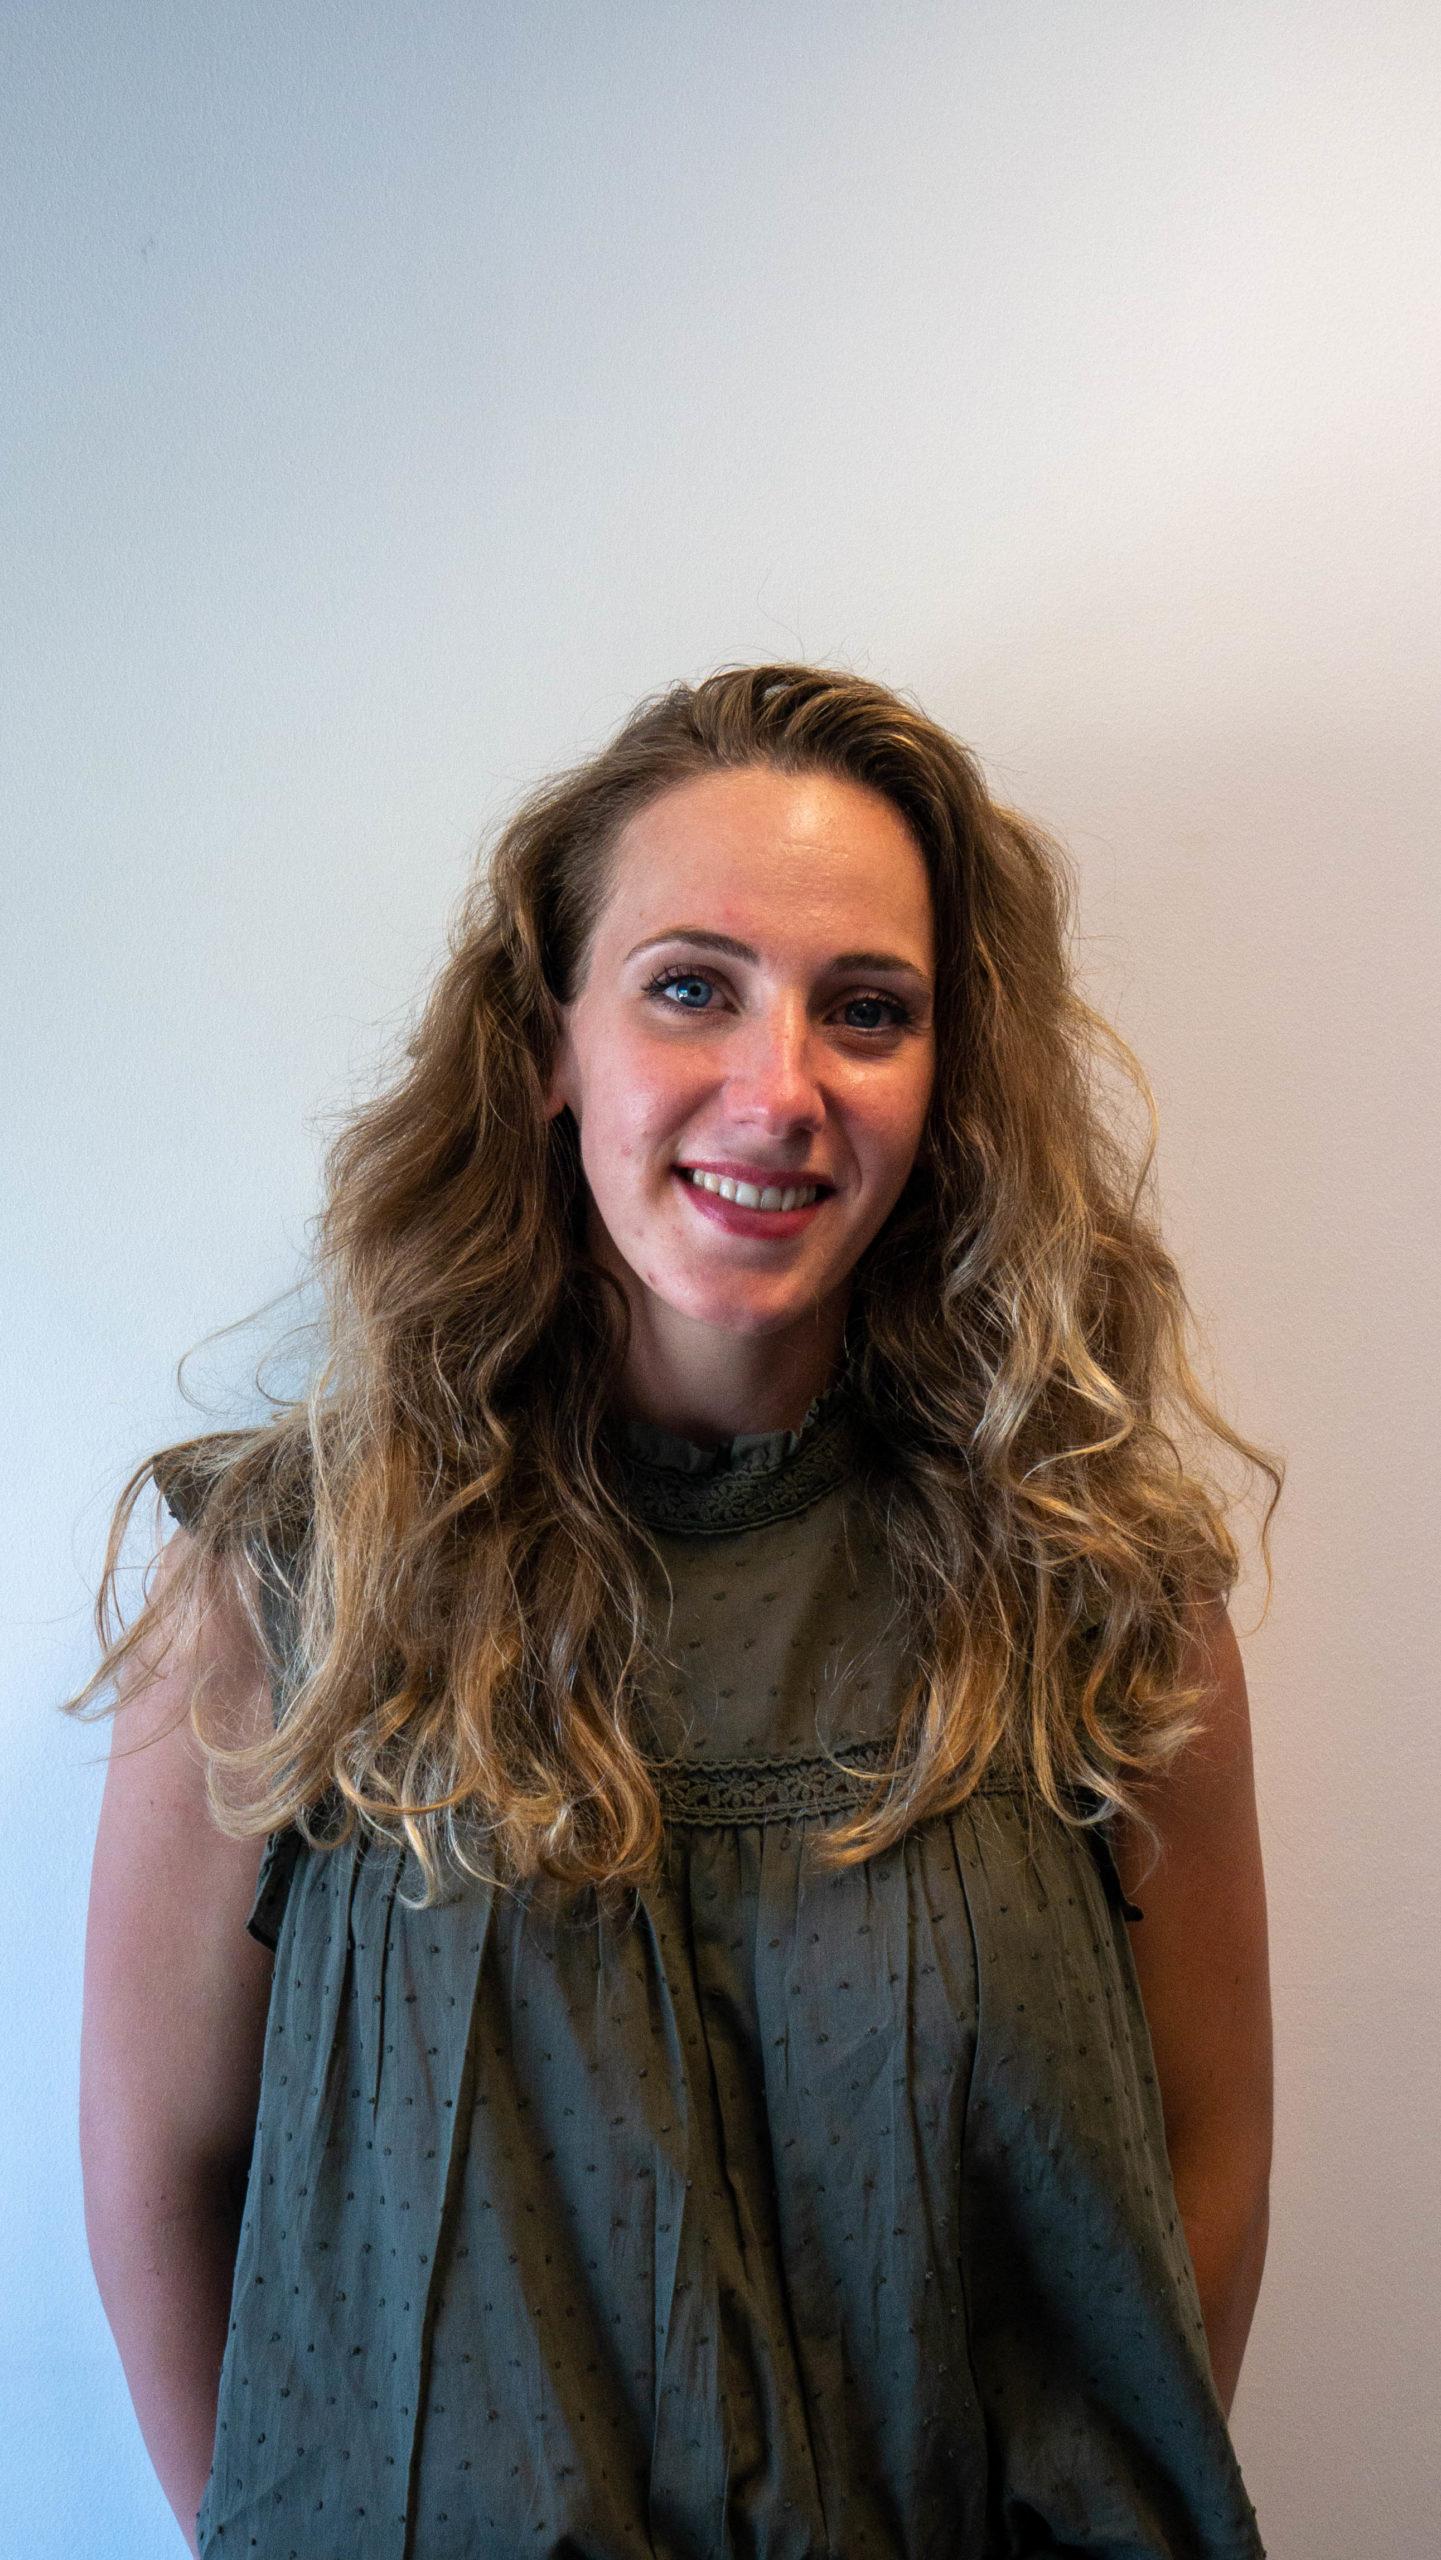 Aurélie Simondet